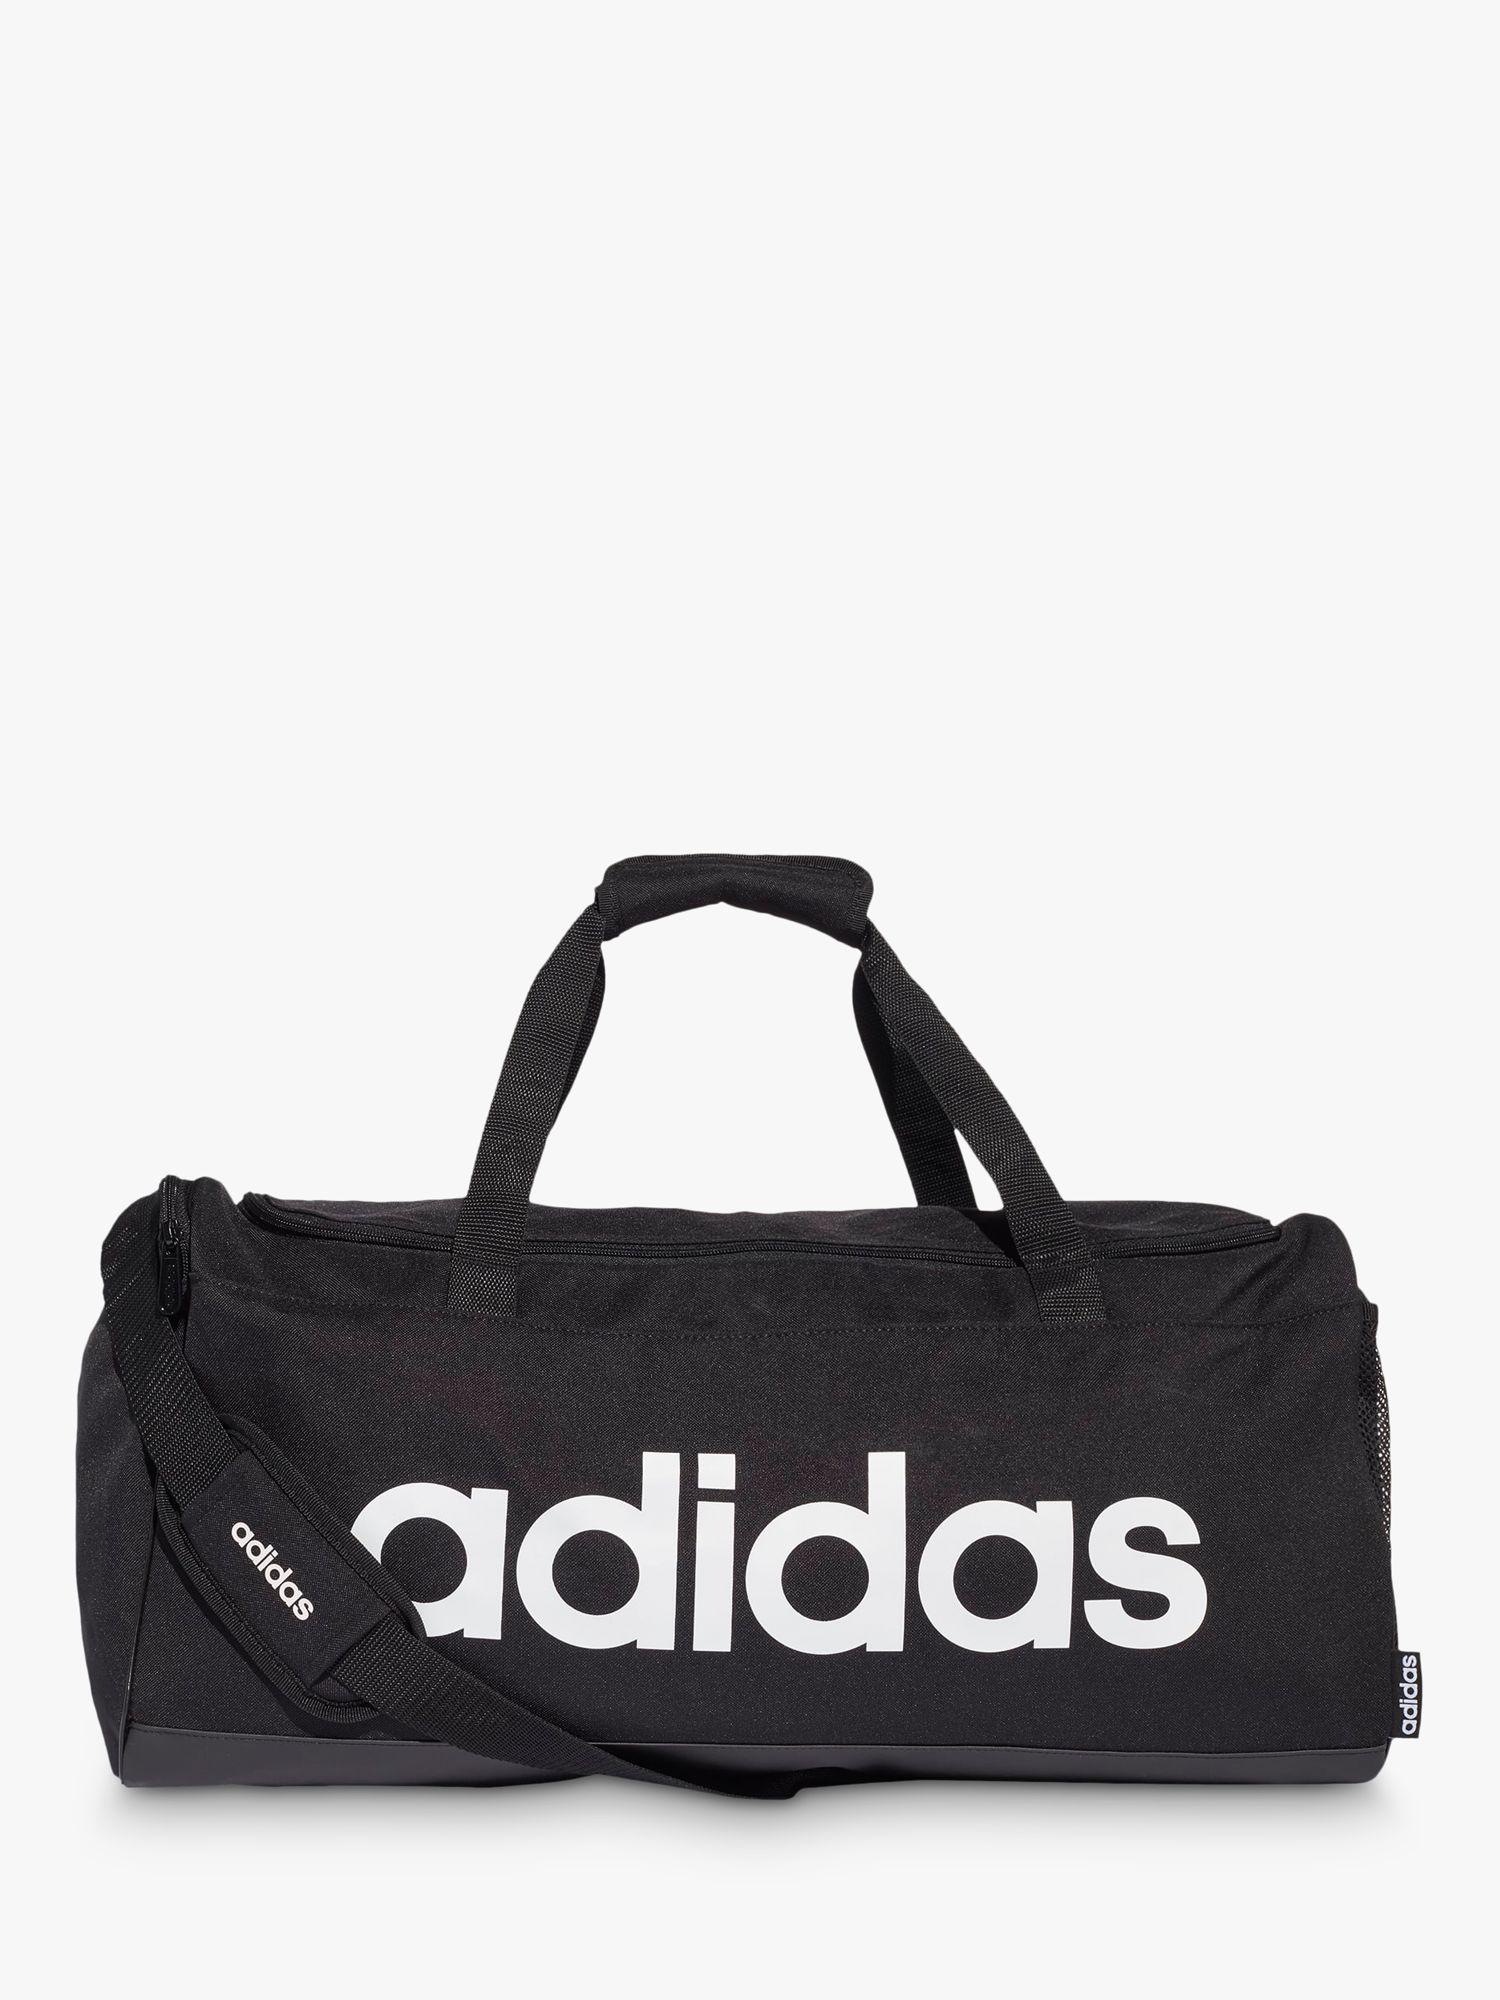 Adidas adidas Linear Duffel Bag